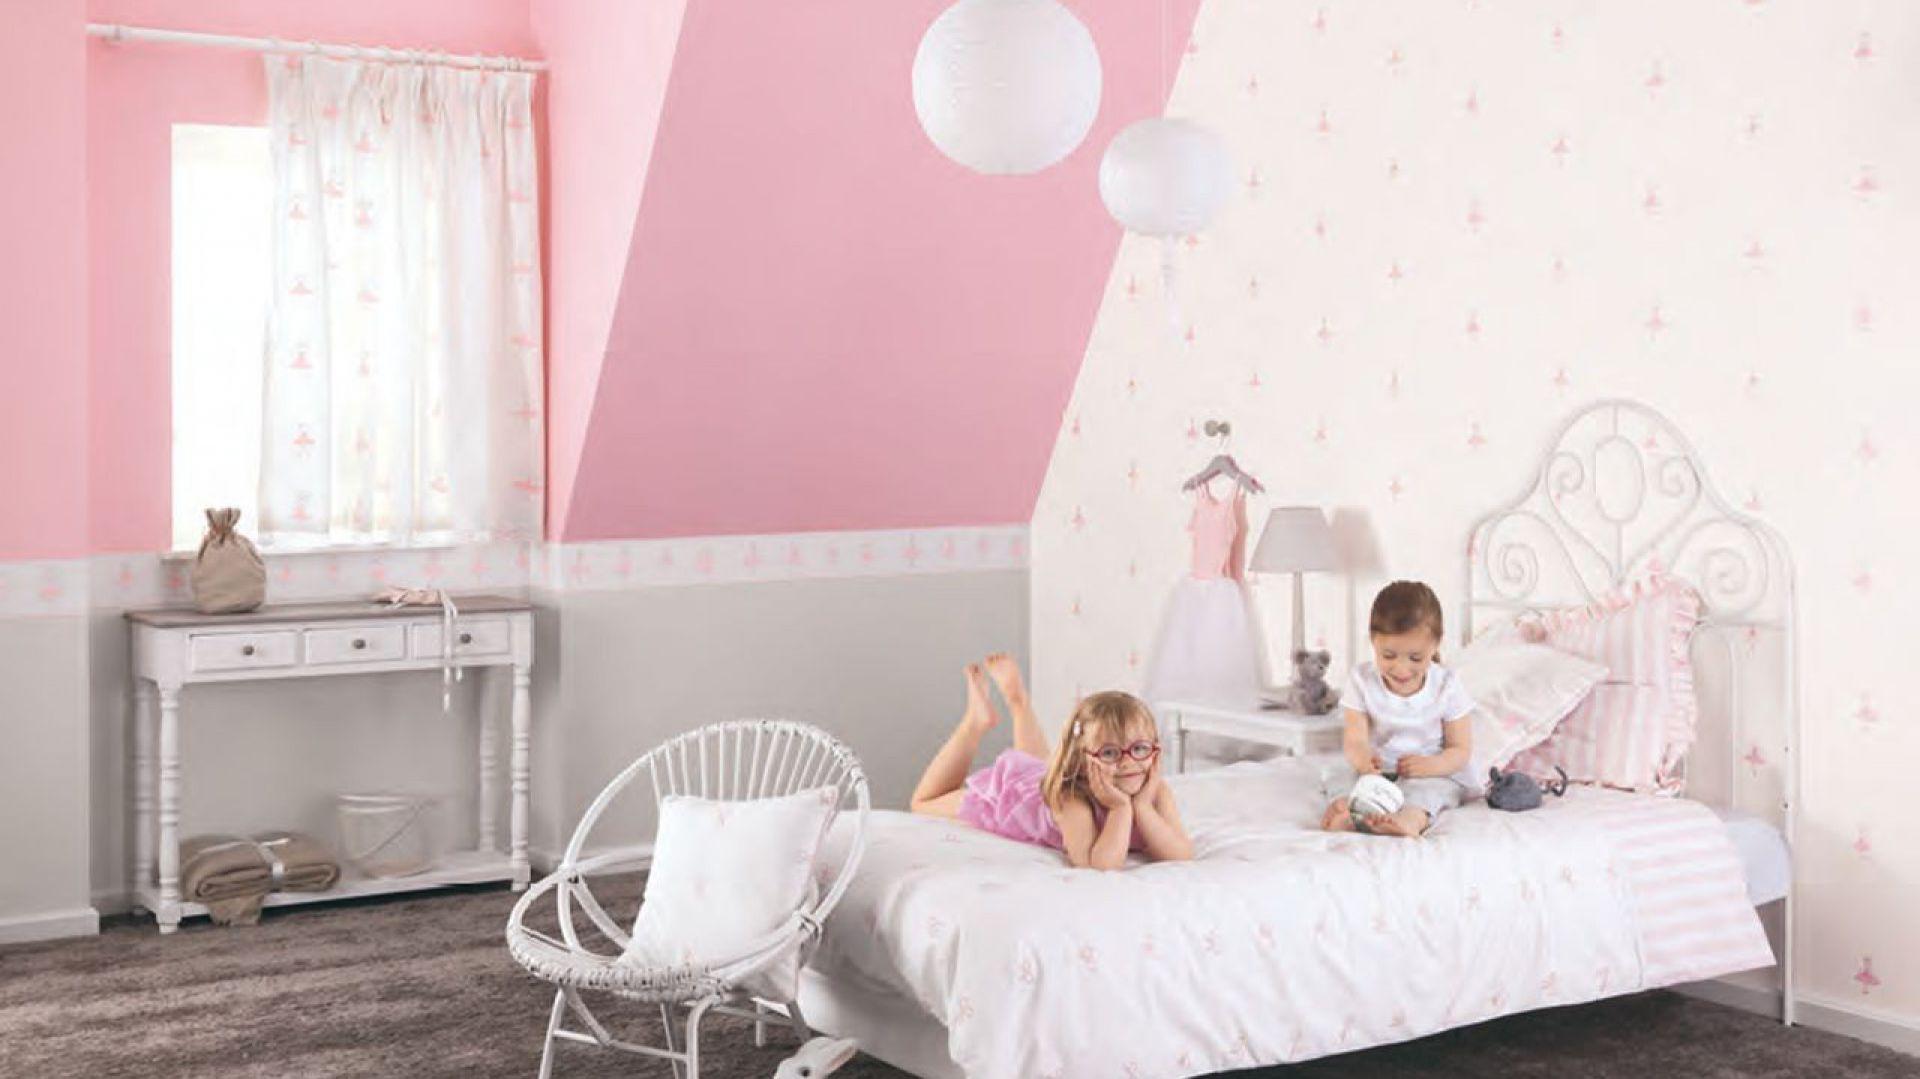 Dziecięce łóżko to nie tylko miejsce snu, ale i zabaw. Fot. Casadeco.